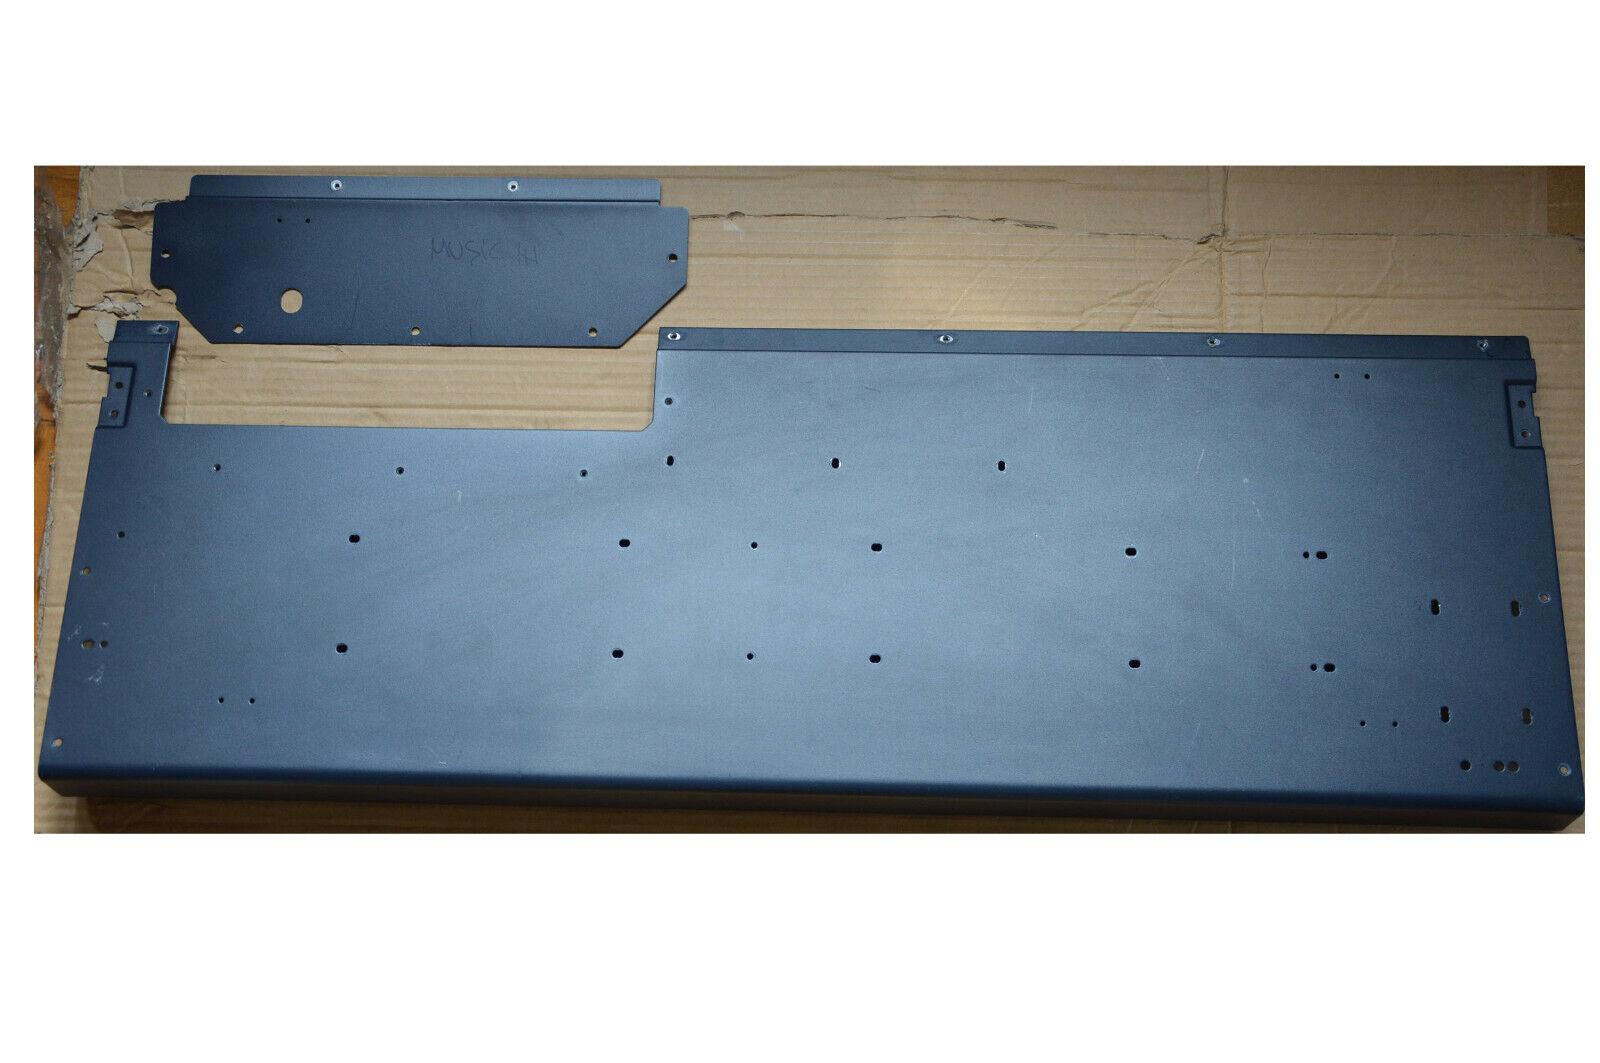 Lower Body for KURZWEIL PC3 61, Corpo esterno inferiore.